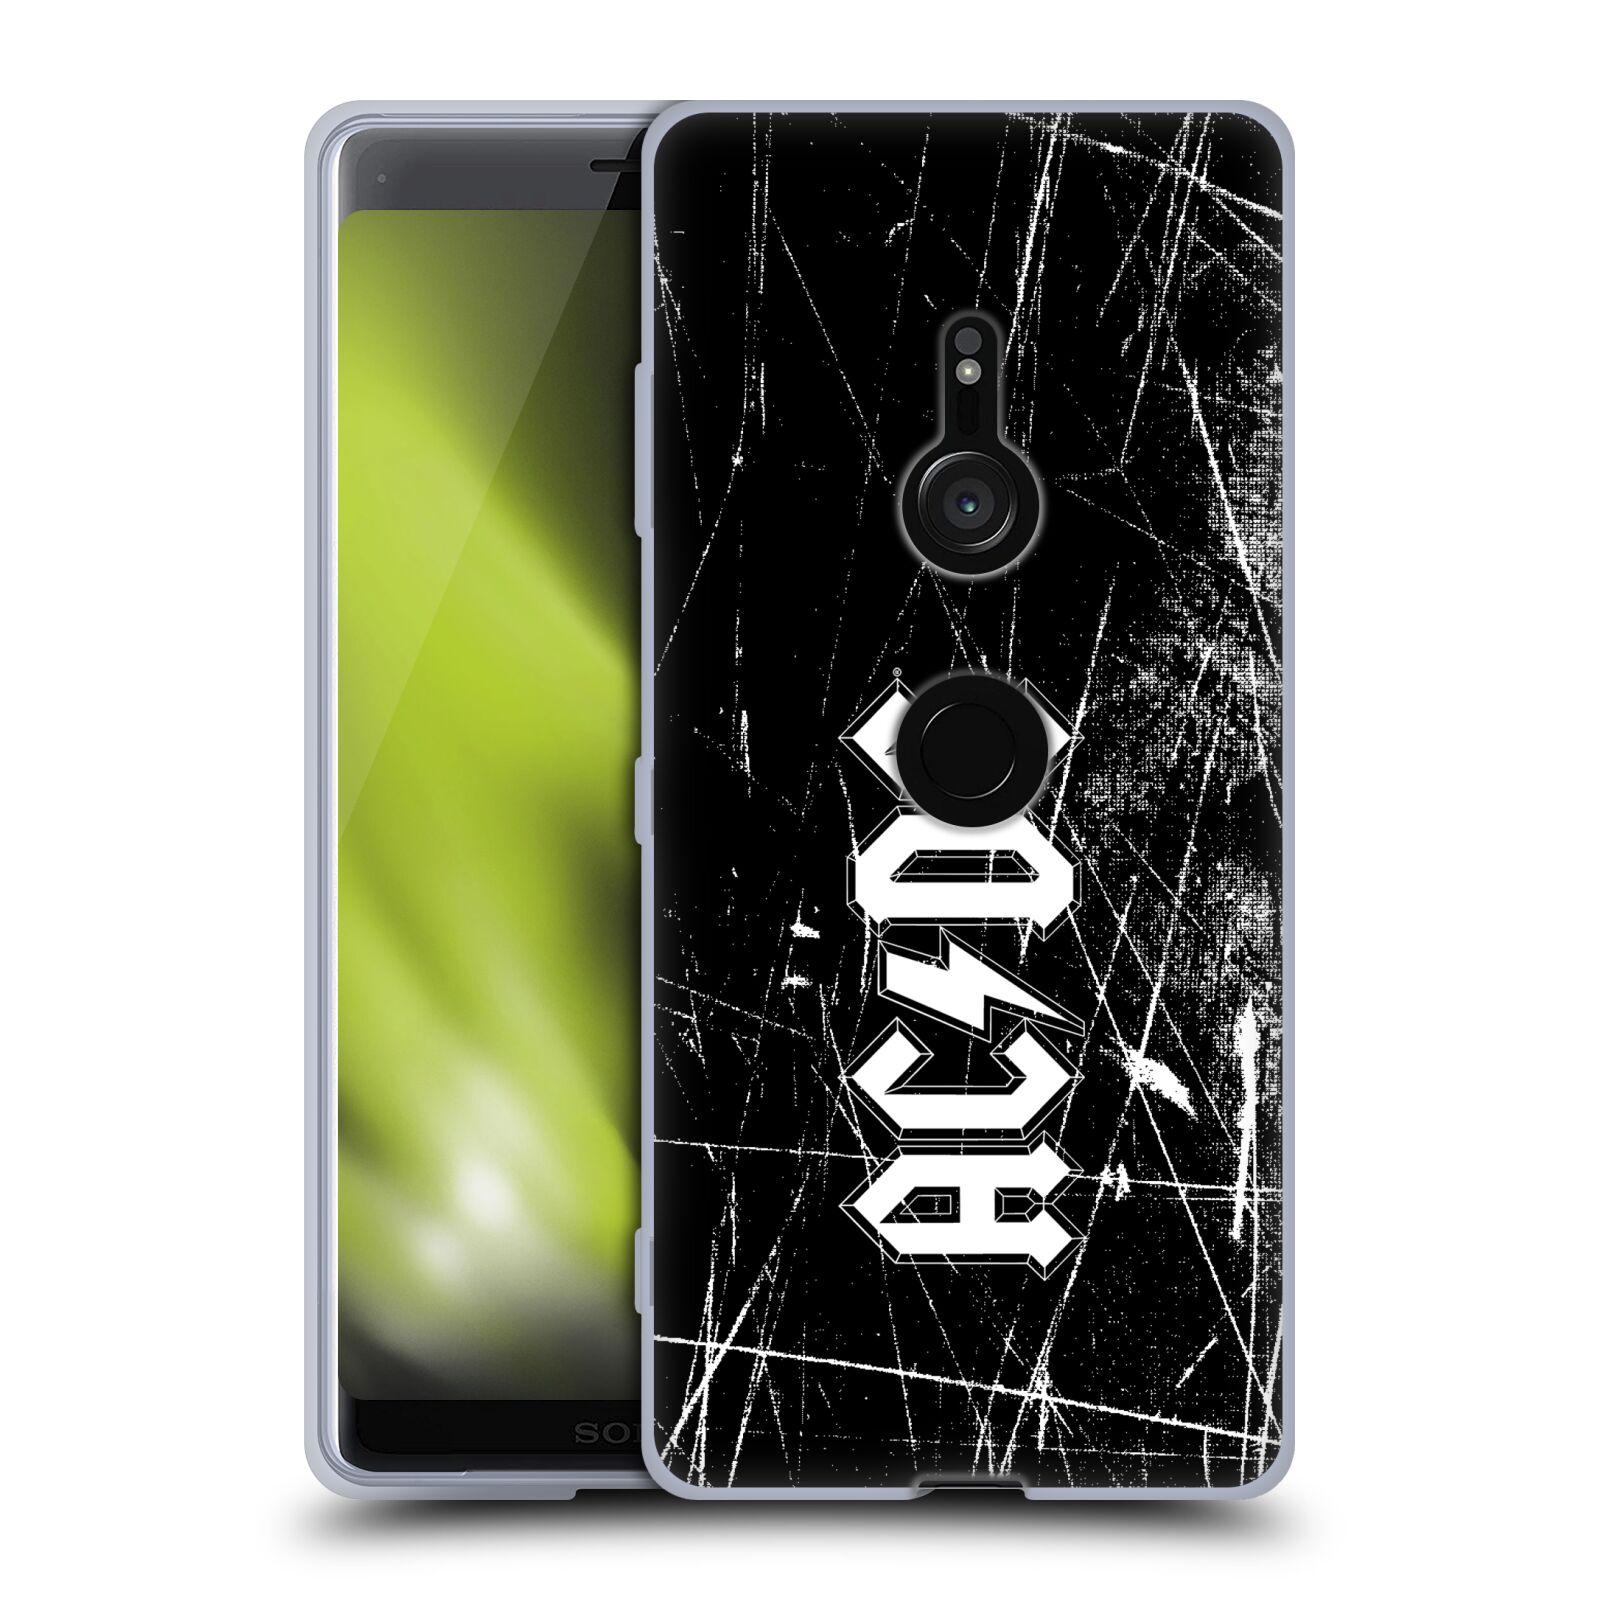 Silikonové pouzdro na mobil Sony Xperia XZ3 - Head Case - AC/DC Černobílé logo